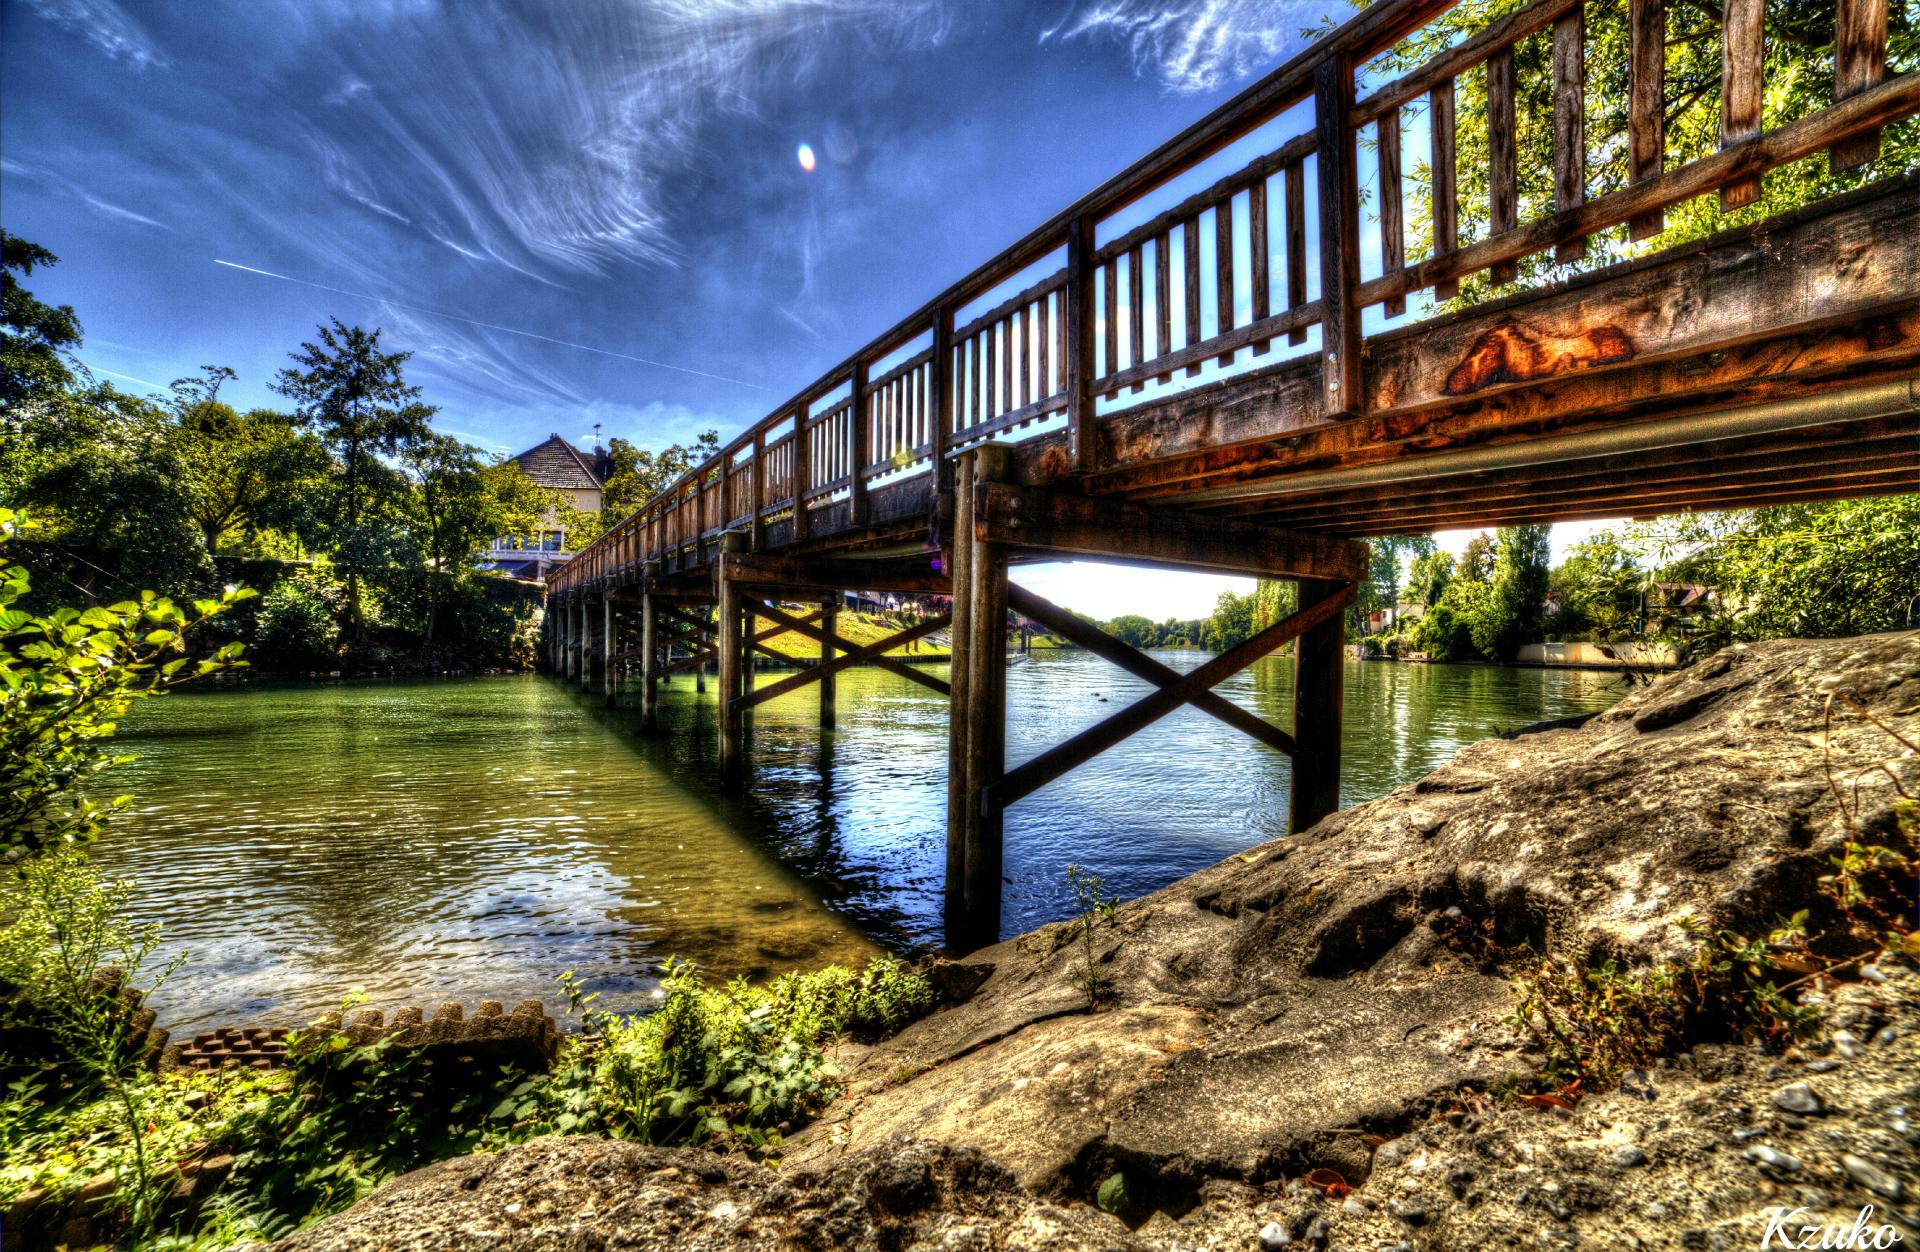 Fonds d'écran Nature Fleuves - Rivières - Torrents Pont de l'Isle Adam